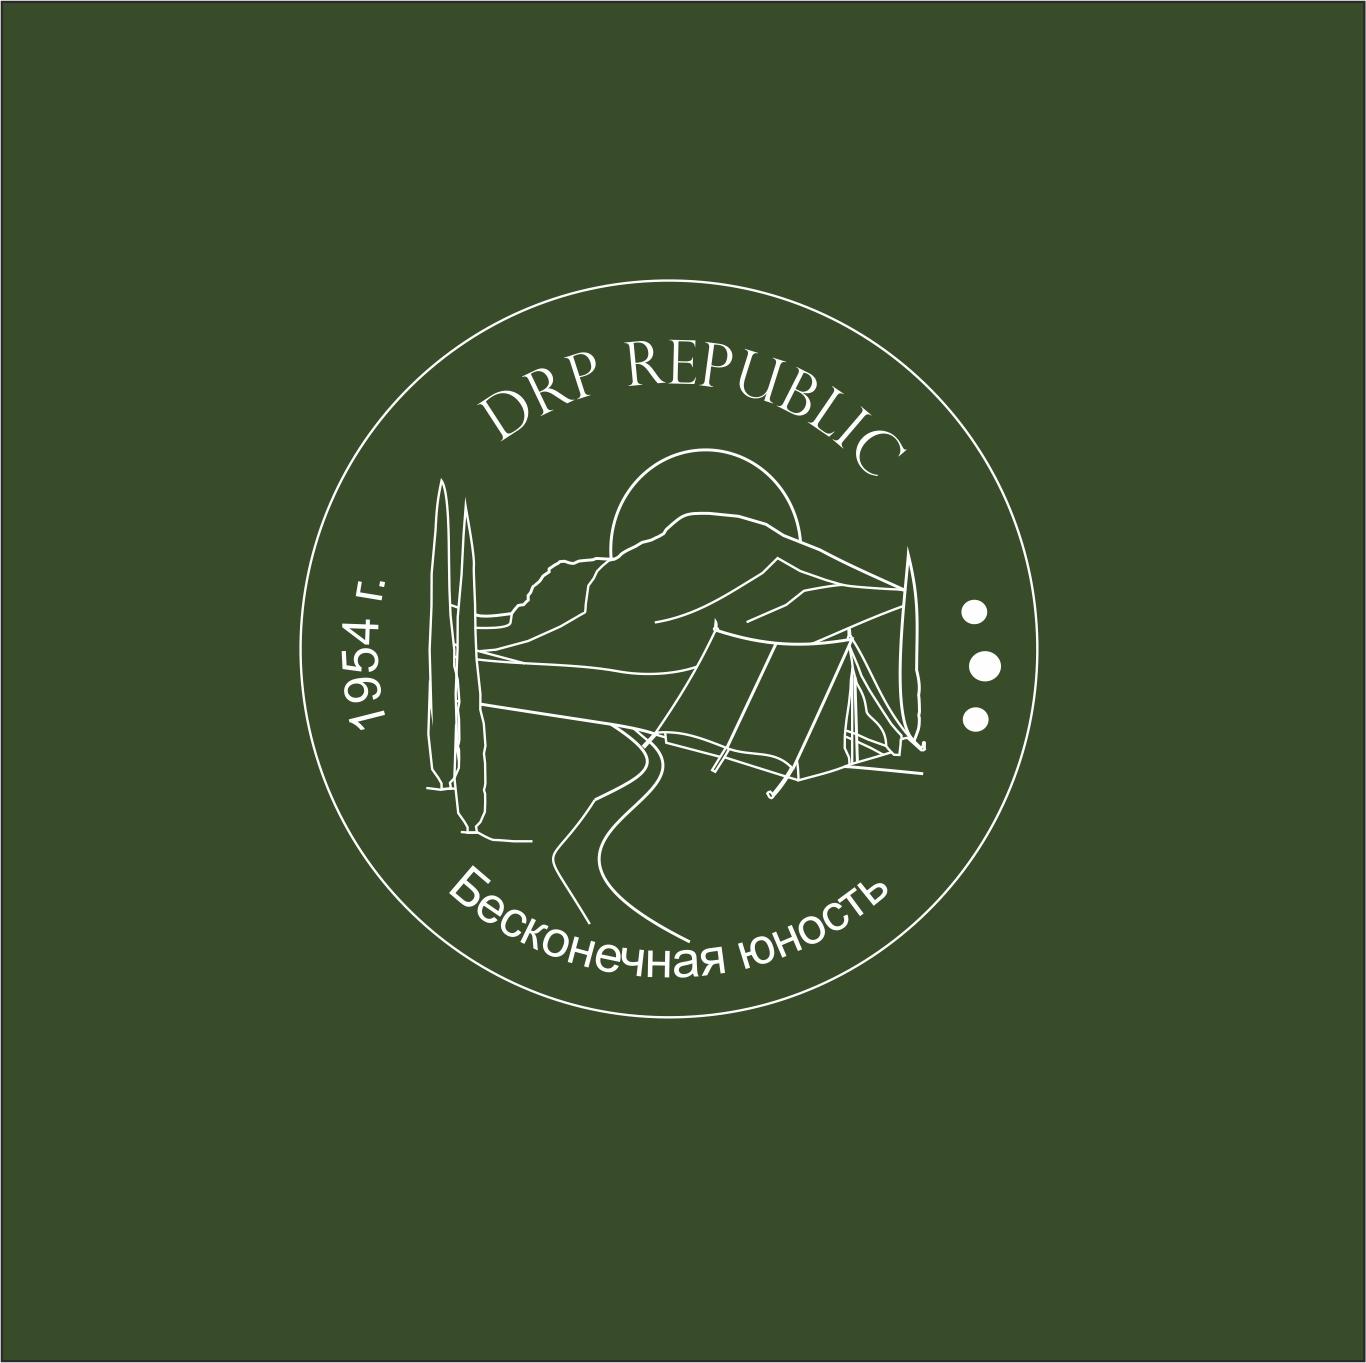 Логотип(принт) на толстовки/бомберы для детского лагеря. фото f_7965cbc2bf8a634a.jpg